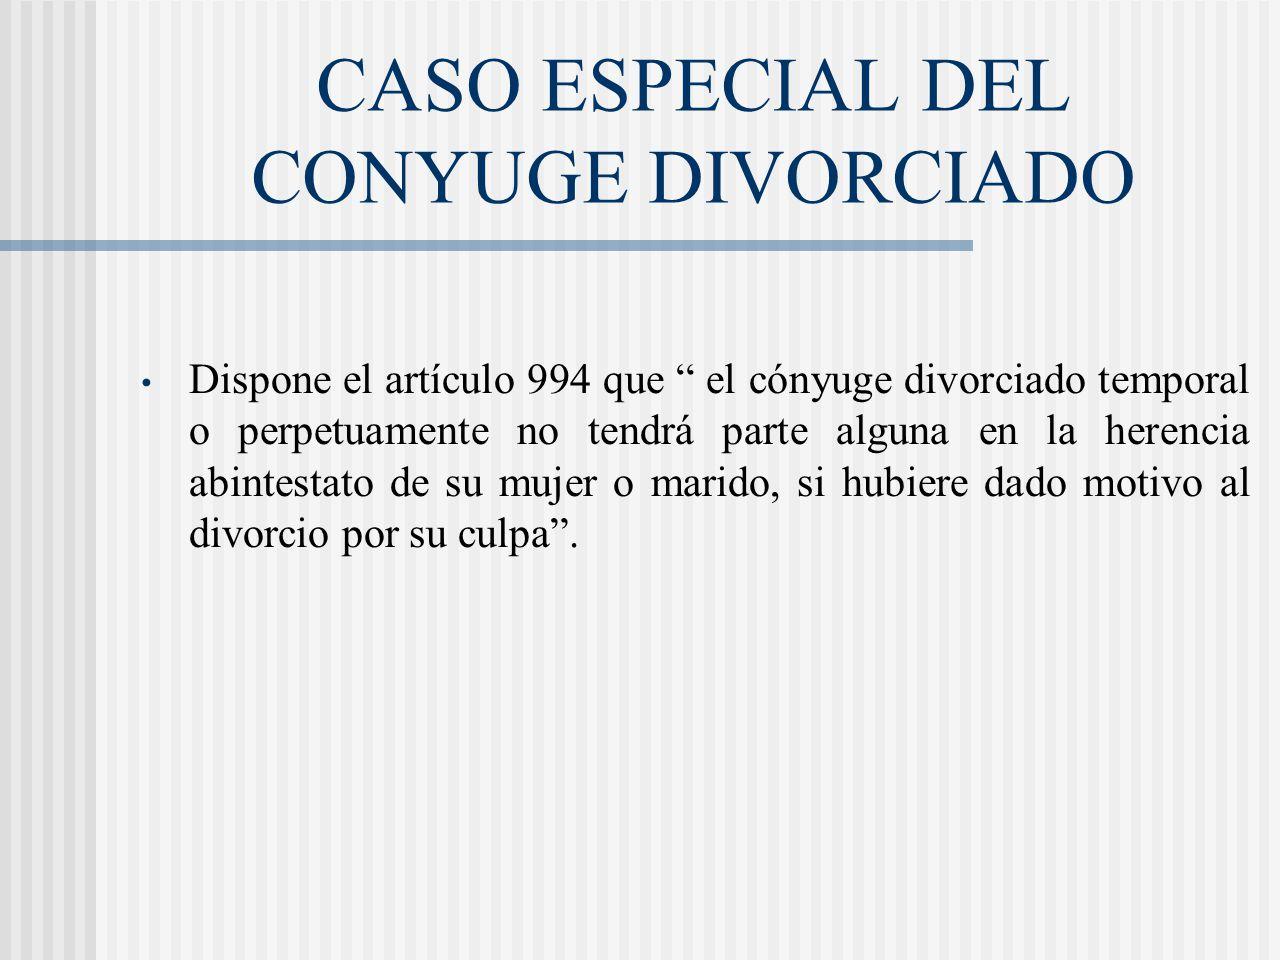 CASO ESPECIAL DEL CONYUGE DIVORCIADO